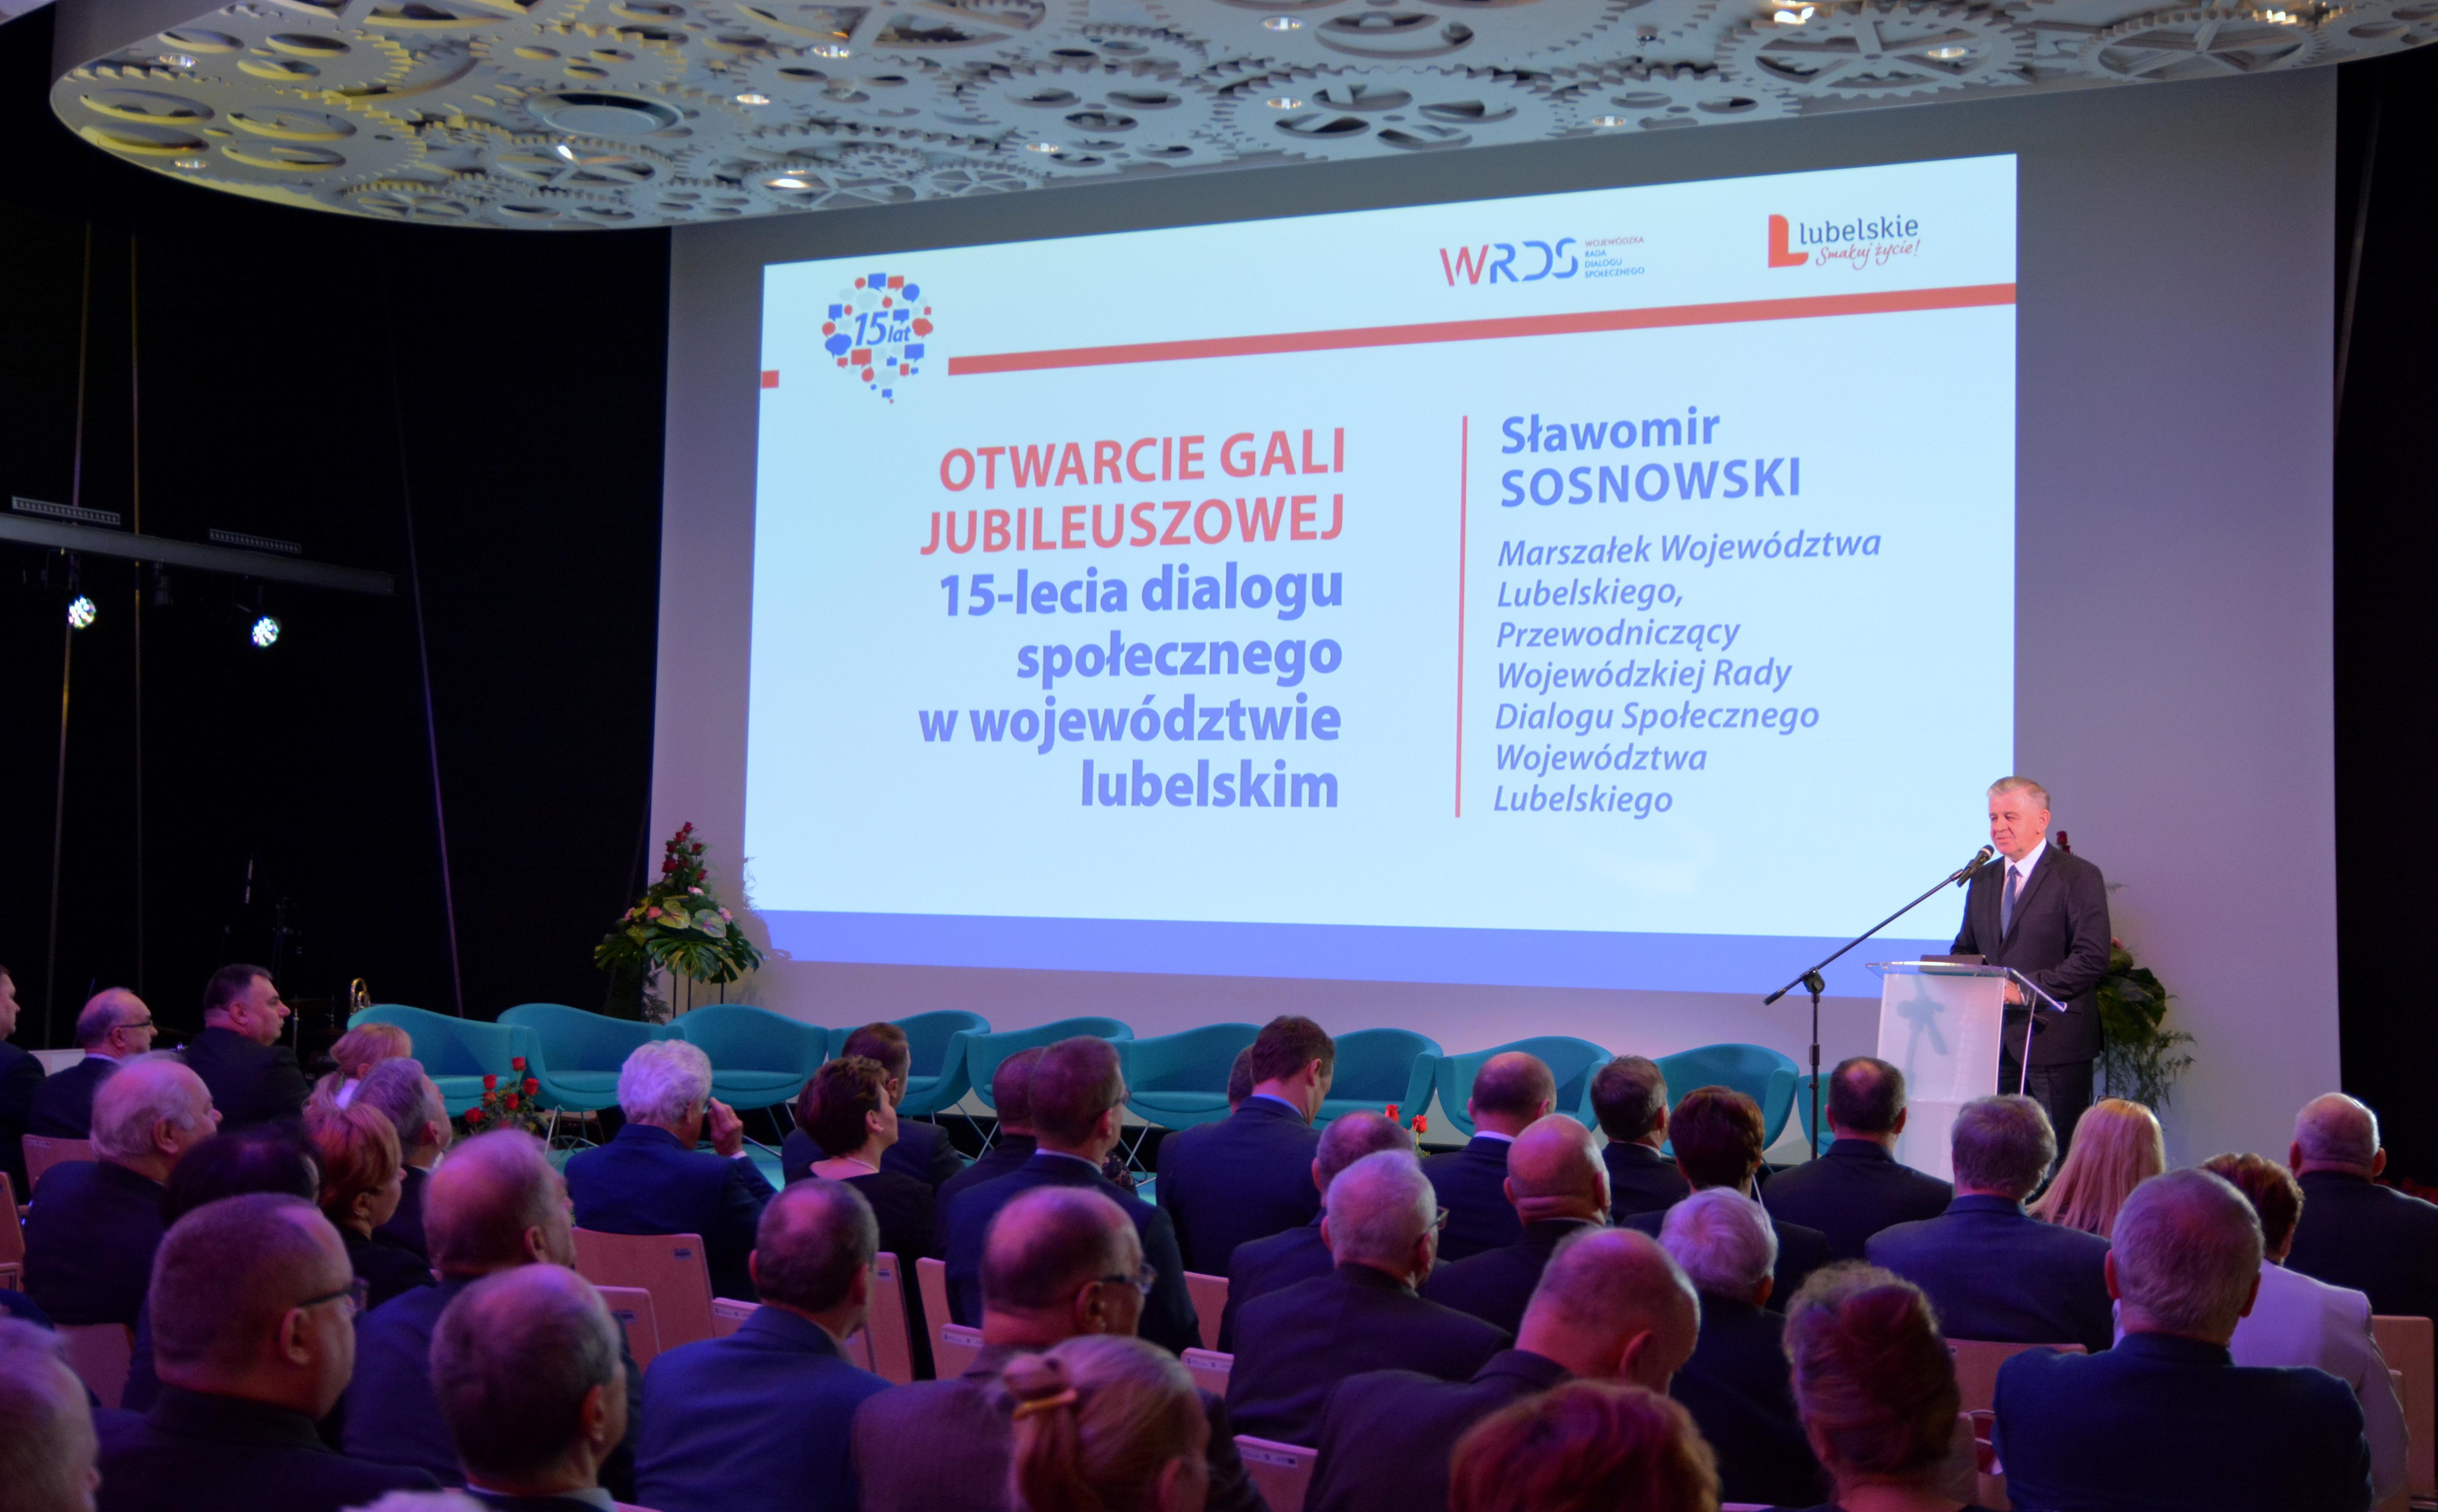 Gala Jubileuszowa 15-lecia dialogu społecznego w województwie lubelskim